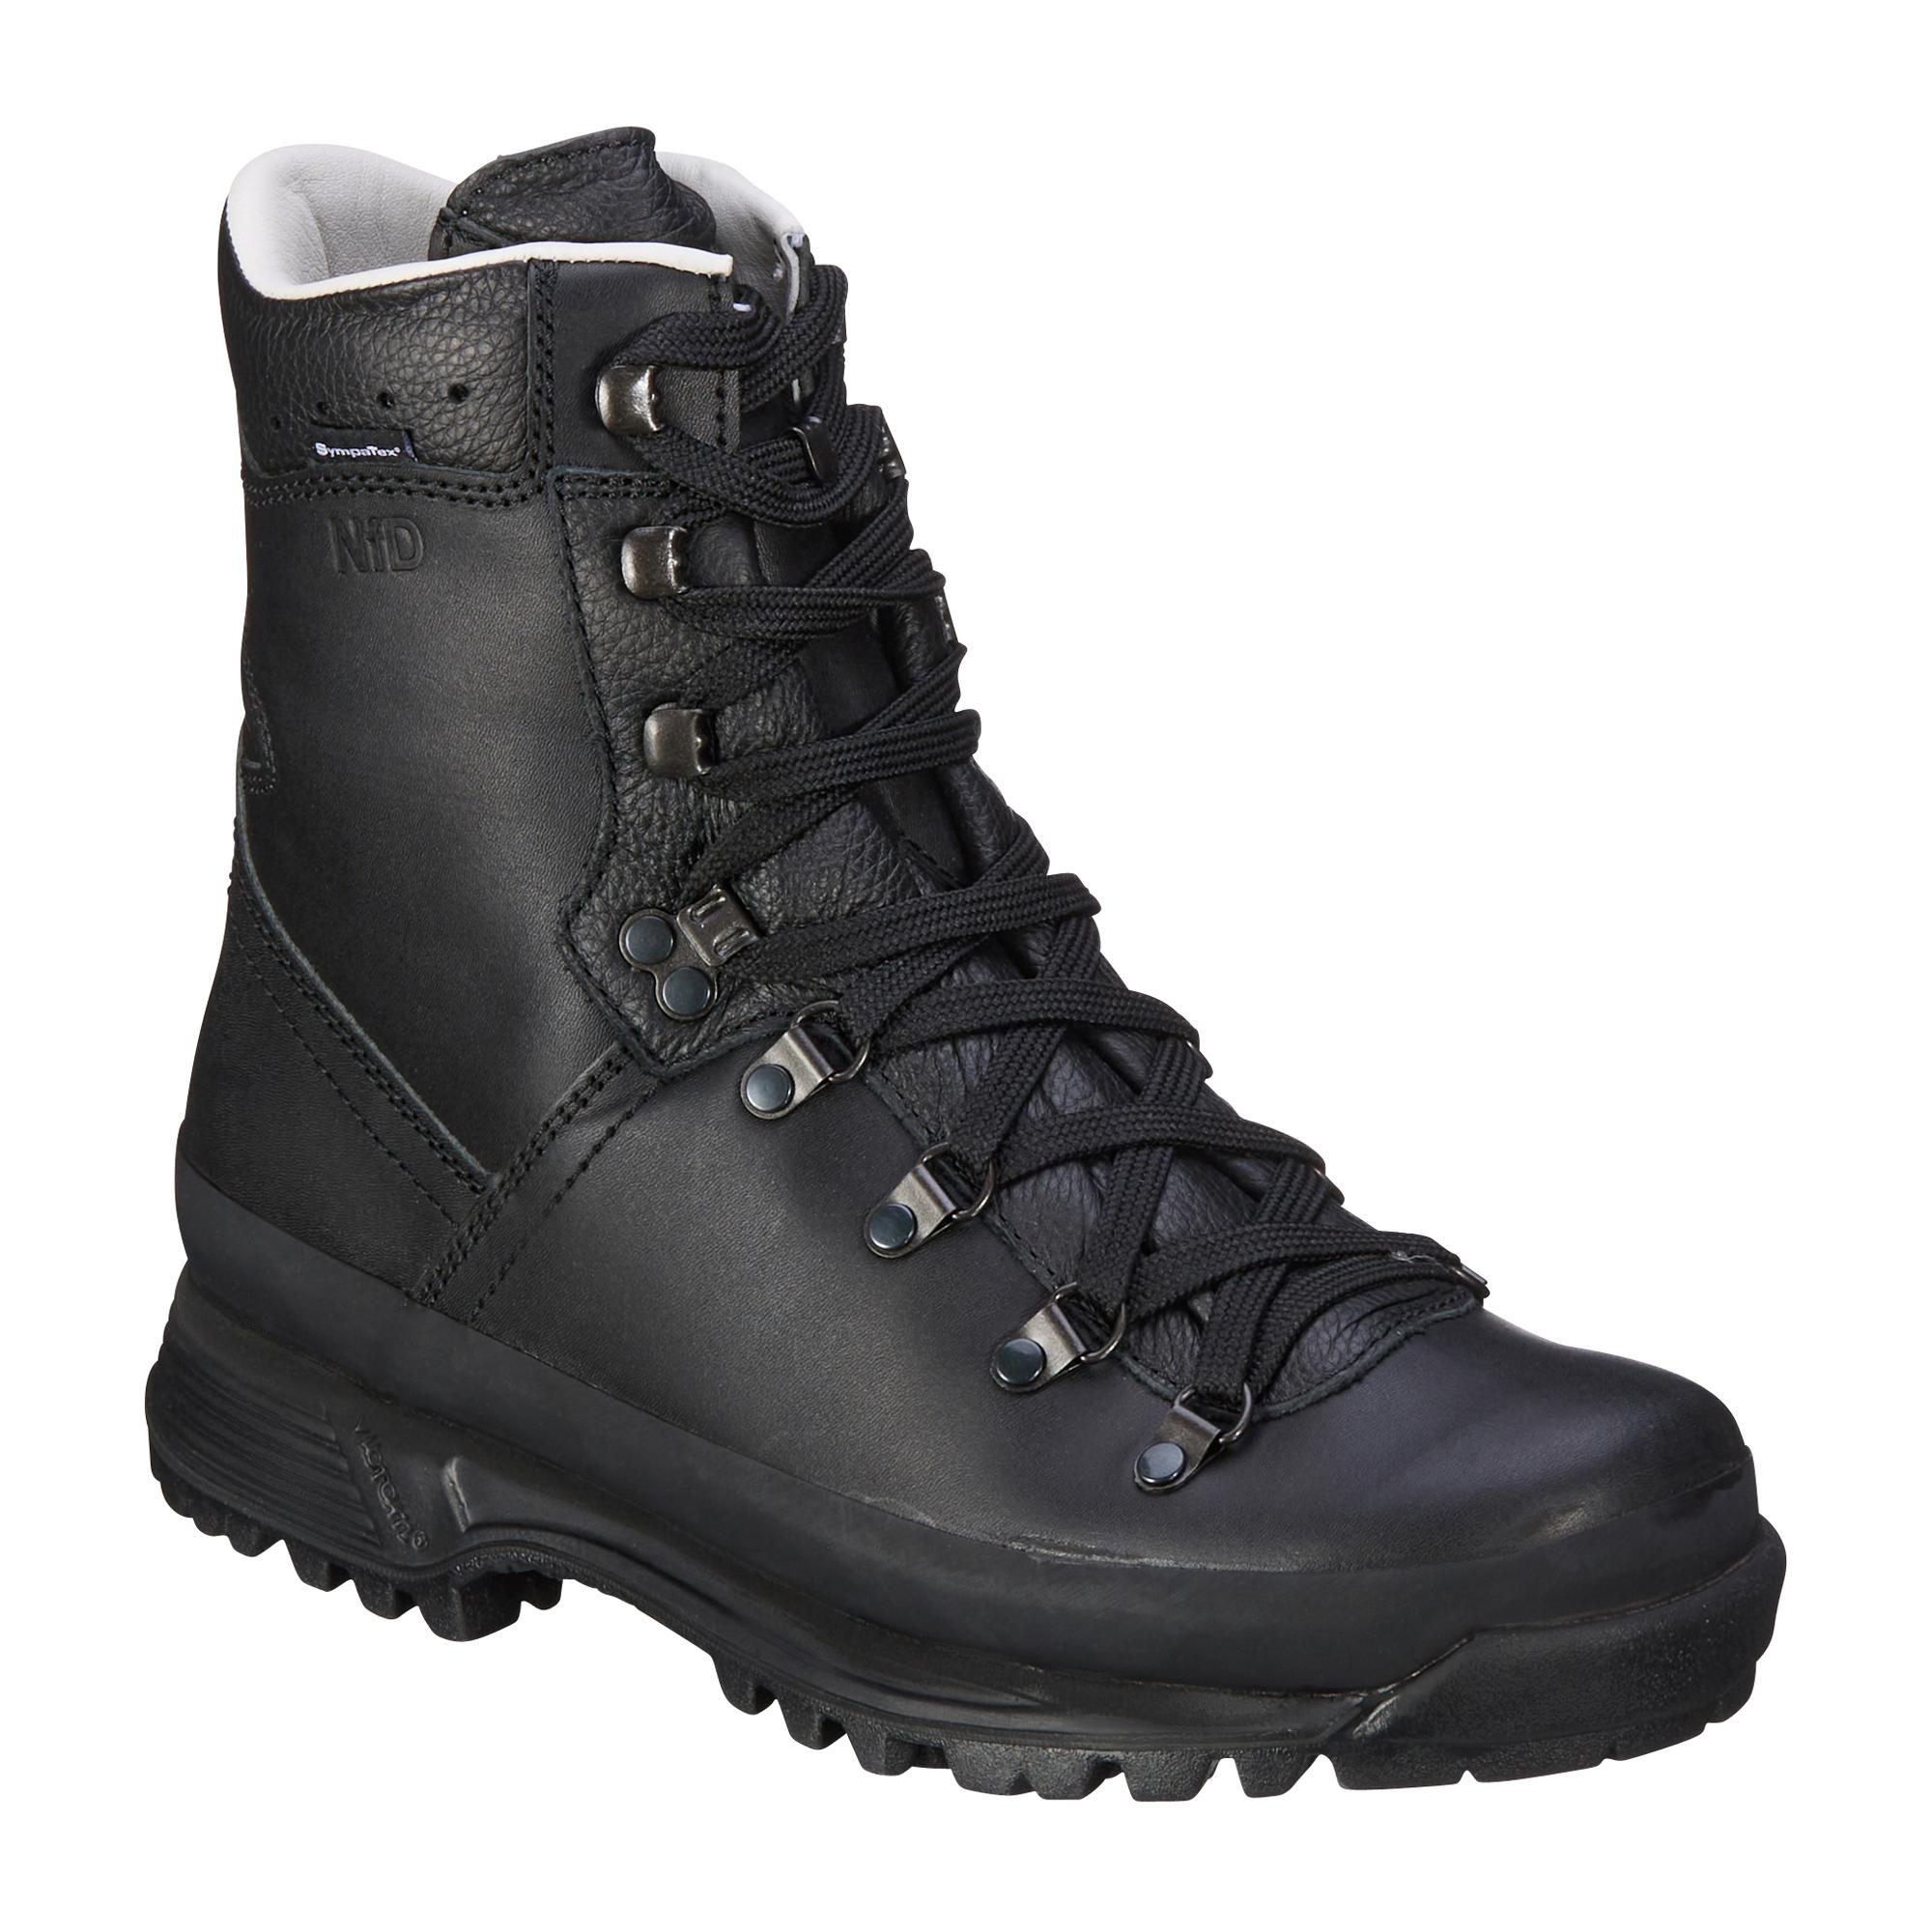 Chaussure de montagne NfD BW Sympatex